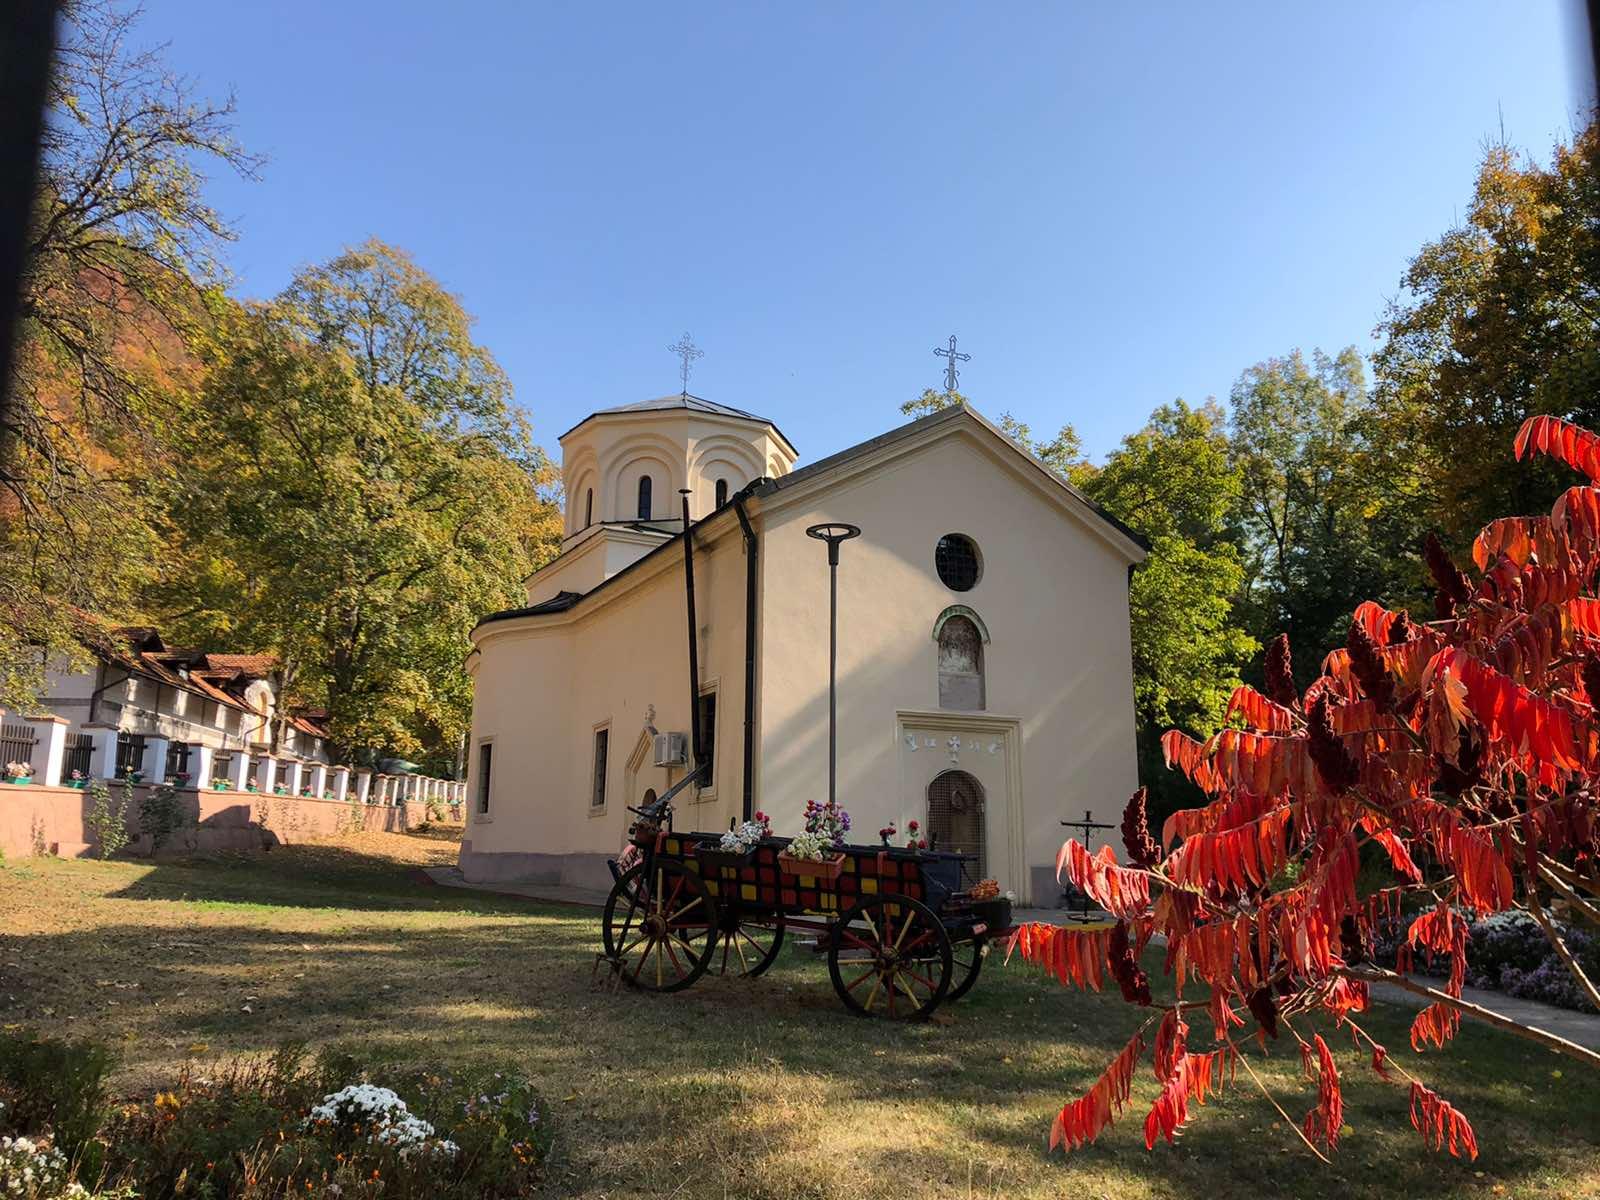 Manastir Svetog arhangela Gavrila u Pirkovcu, foto: M. Miladinović